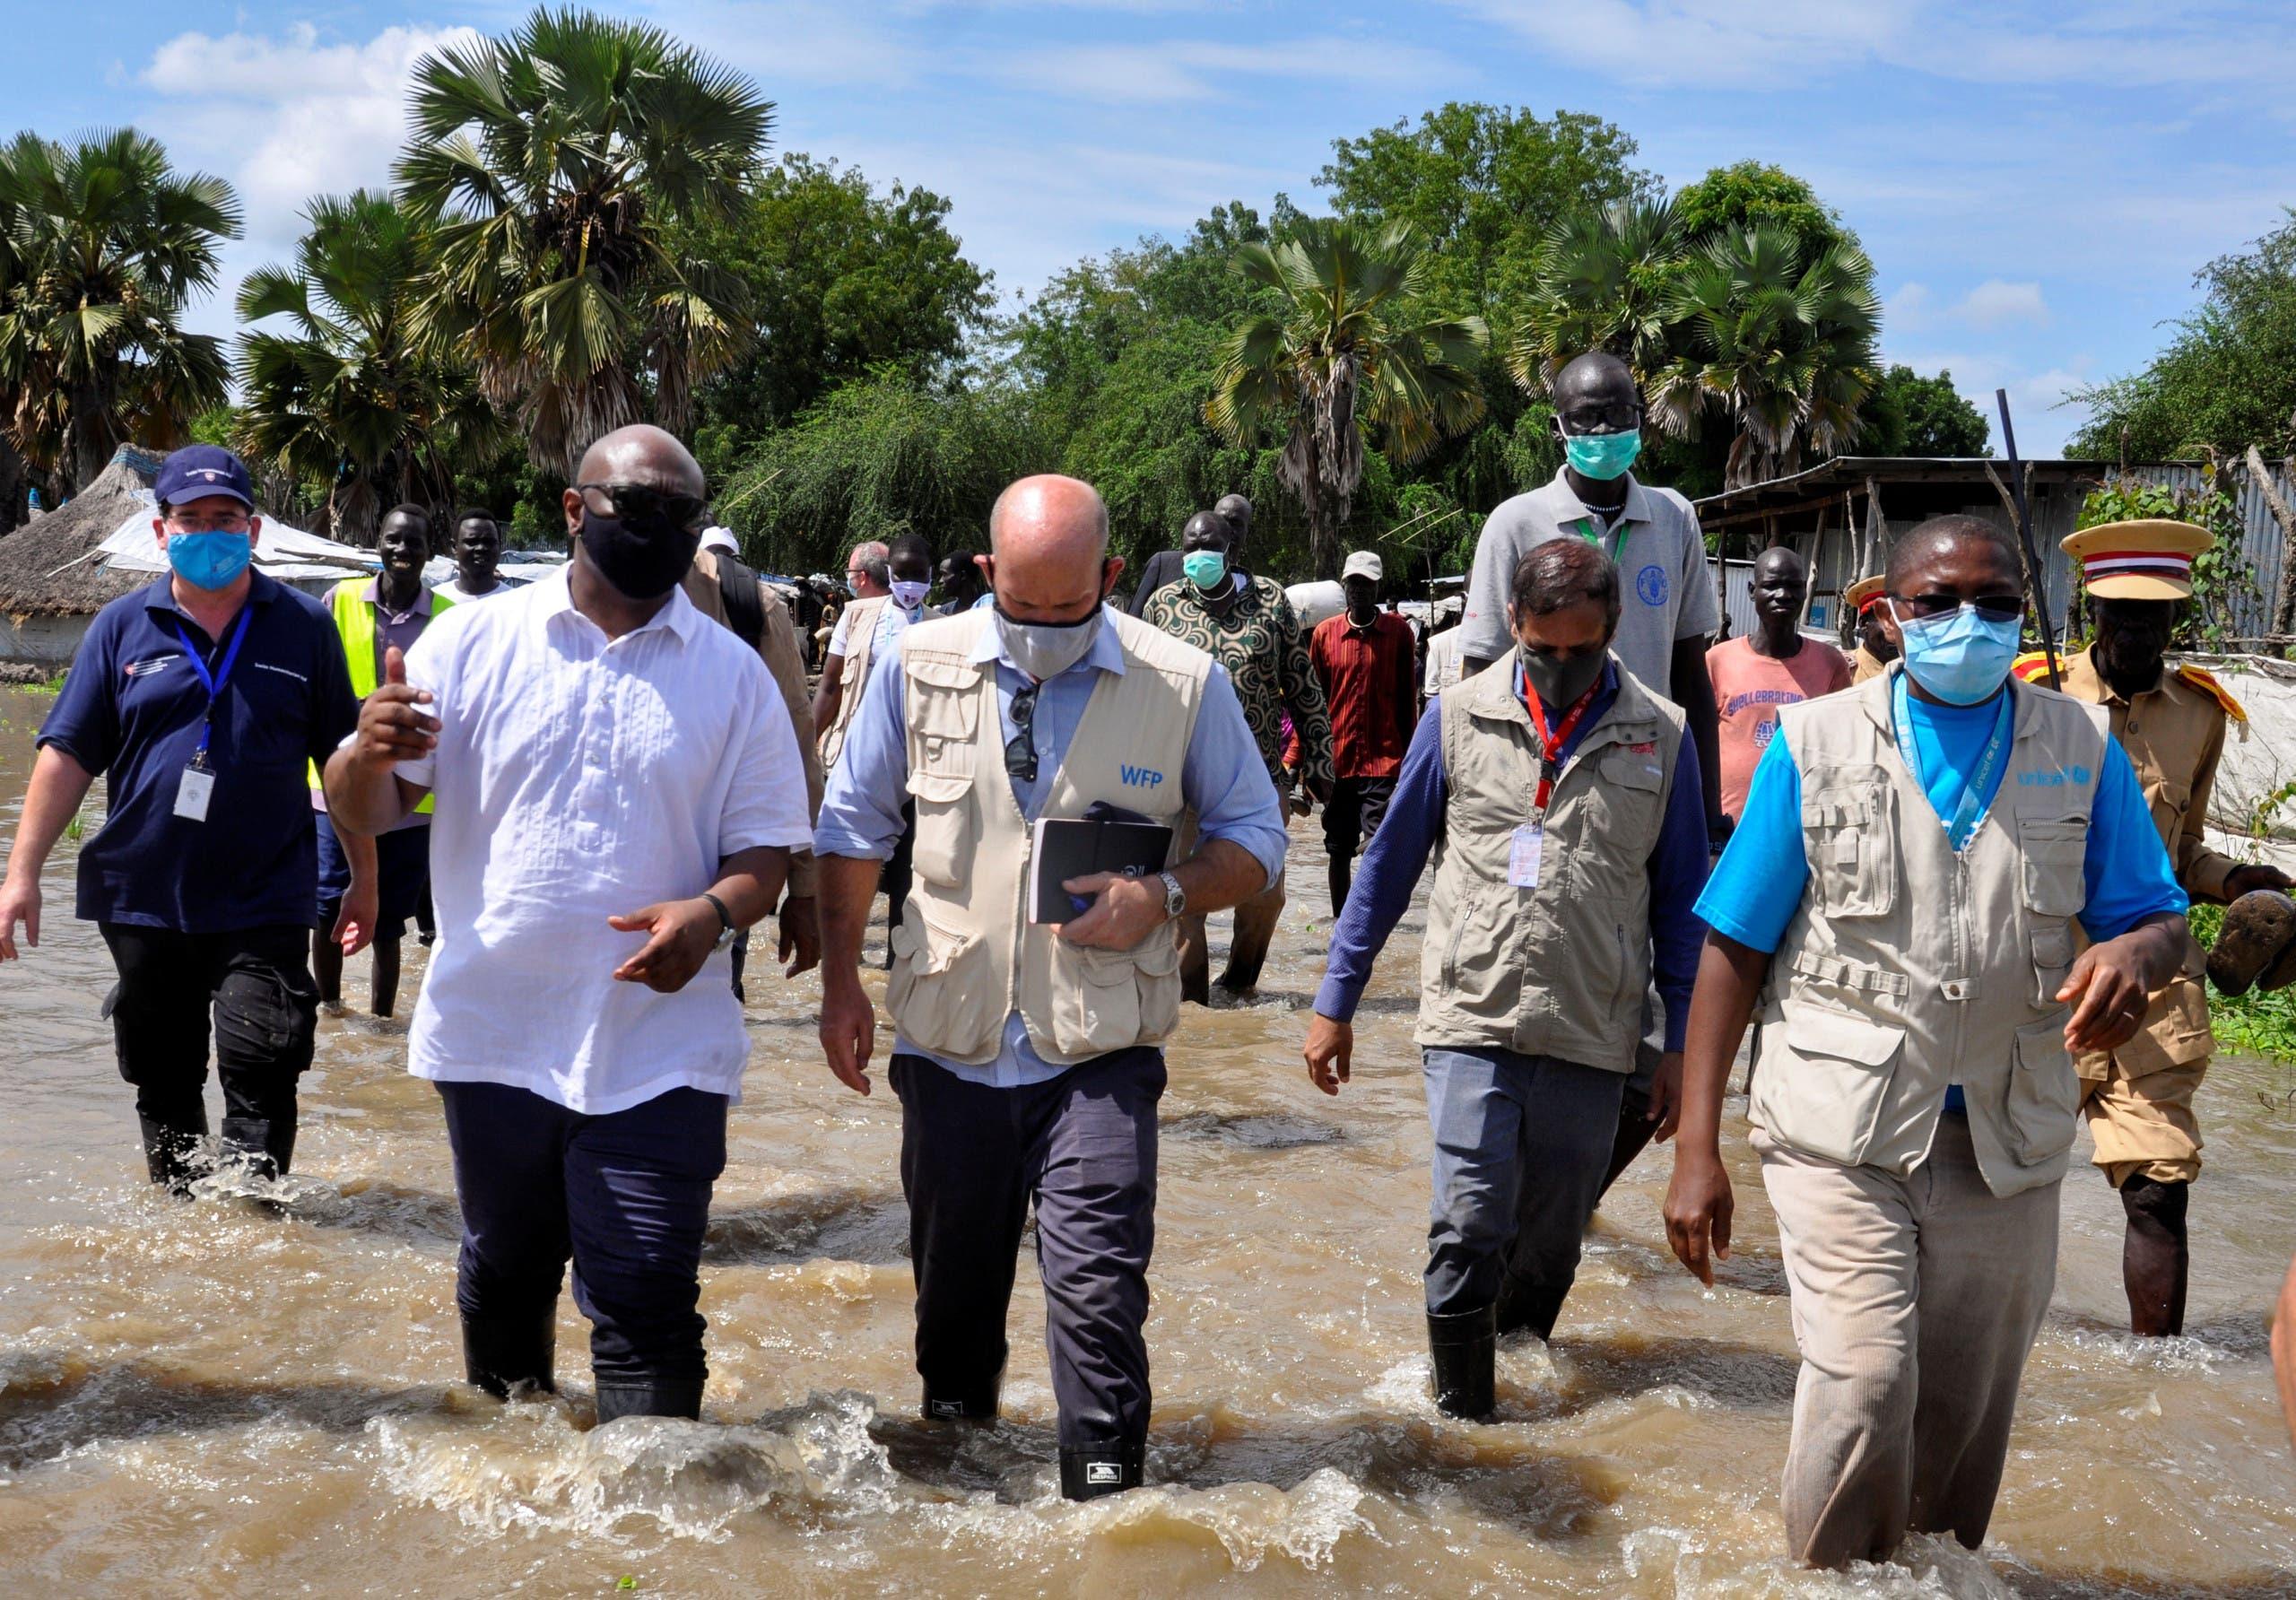 مسؤولون أمميون يتفقدون الأضرار في جنوب السودان